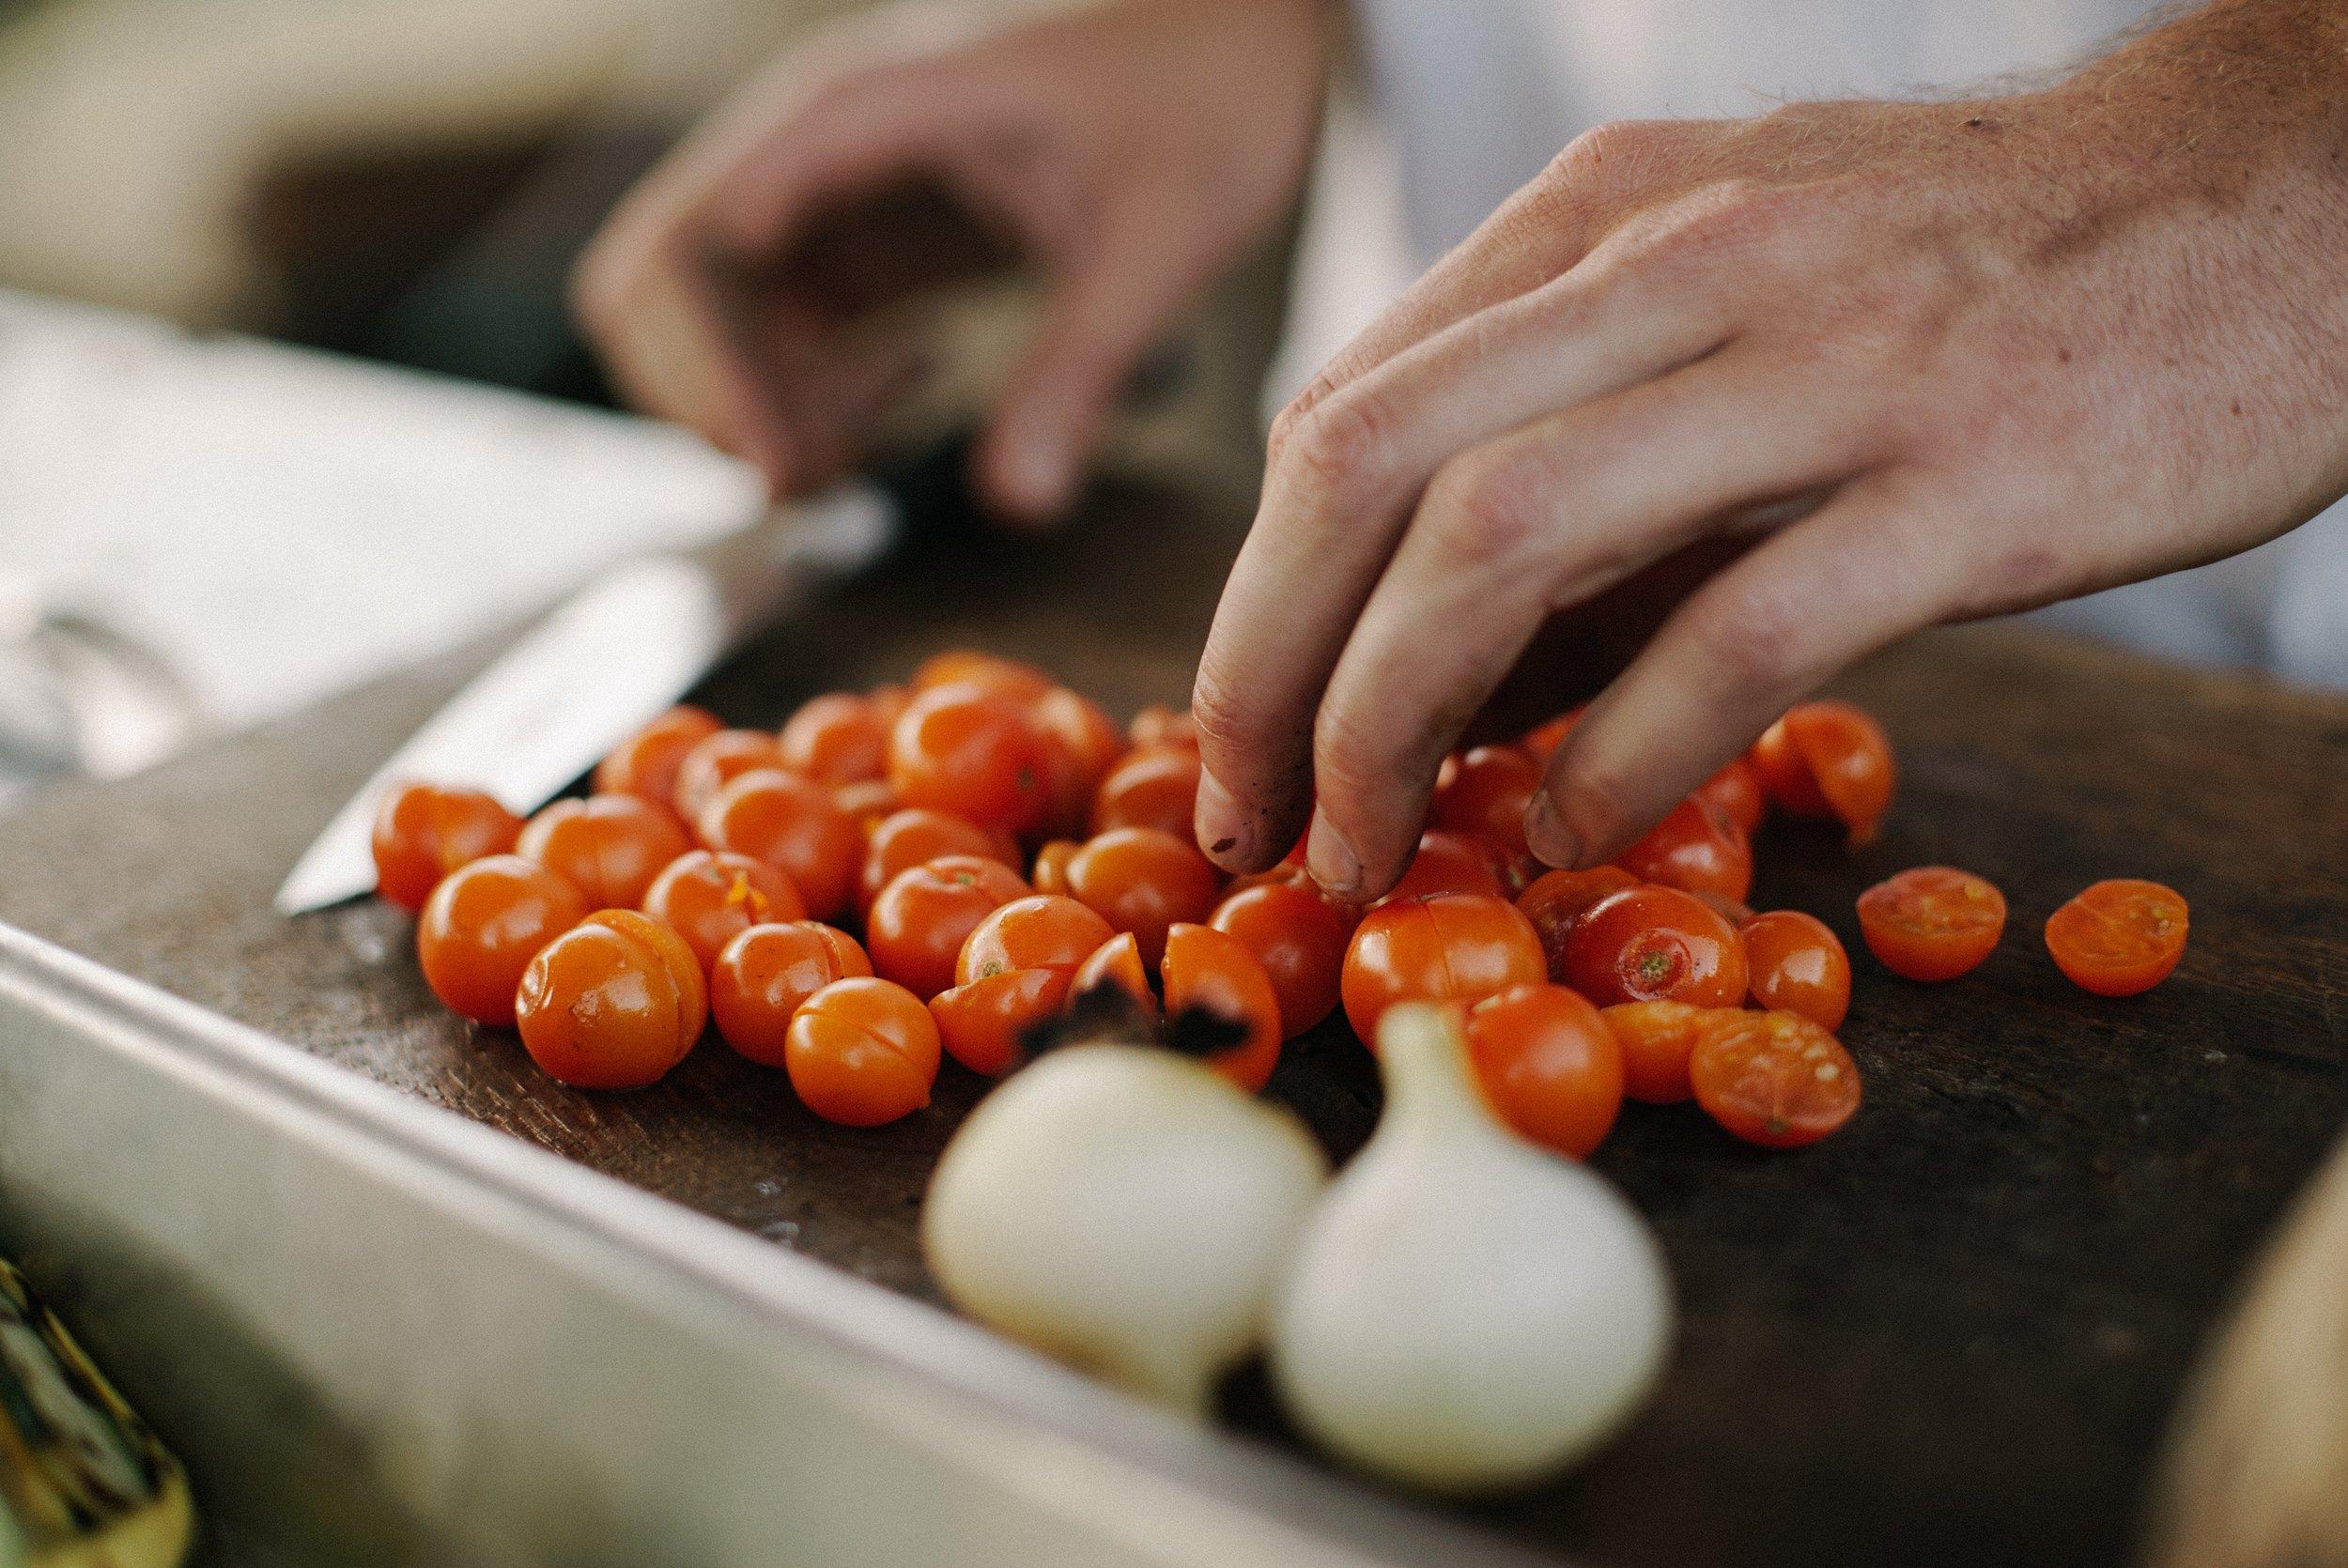 Visiter les marchés locaux et cuisiner - Prenez du poisson frais au pêcheur local et apprenez à préparer des plats traditionnels de Provence tels que la bouillabaisse et la soupe de poisson